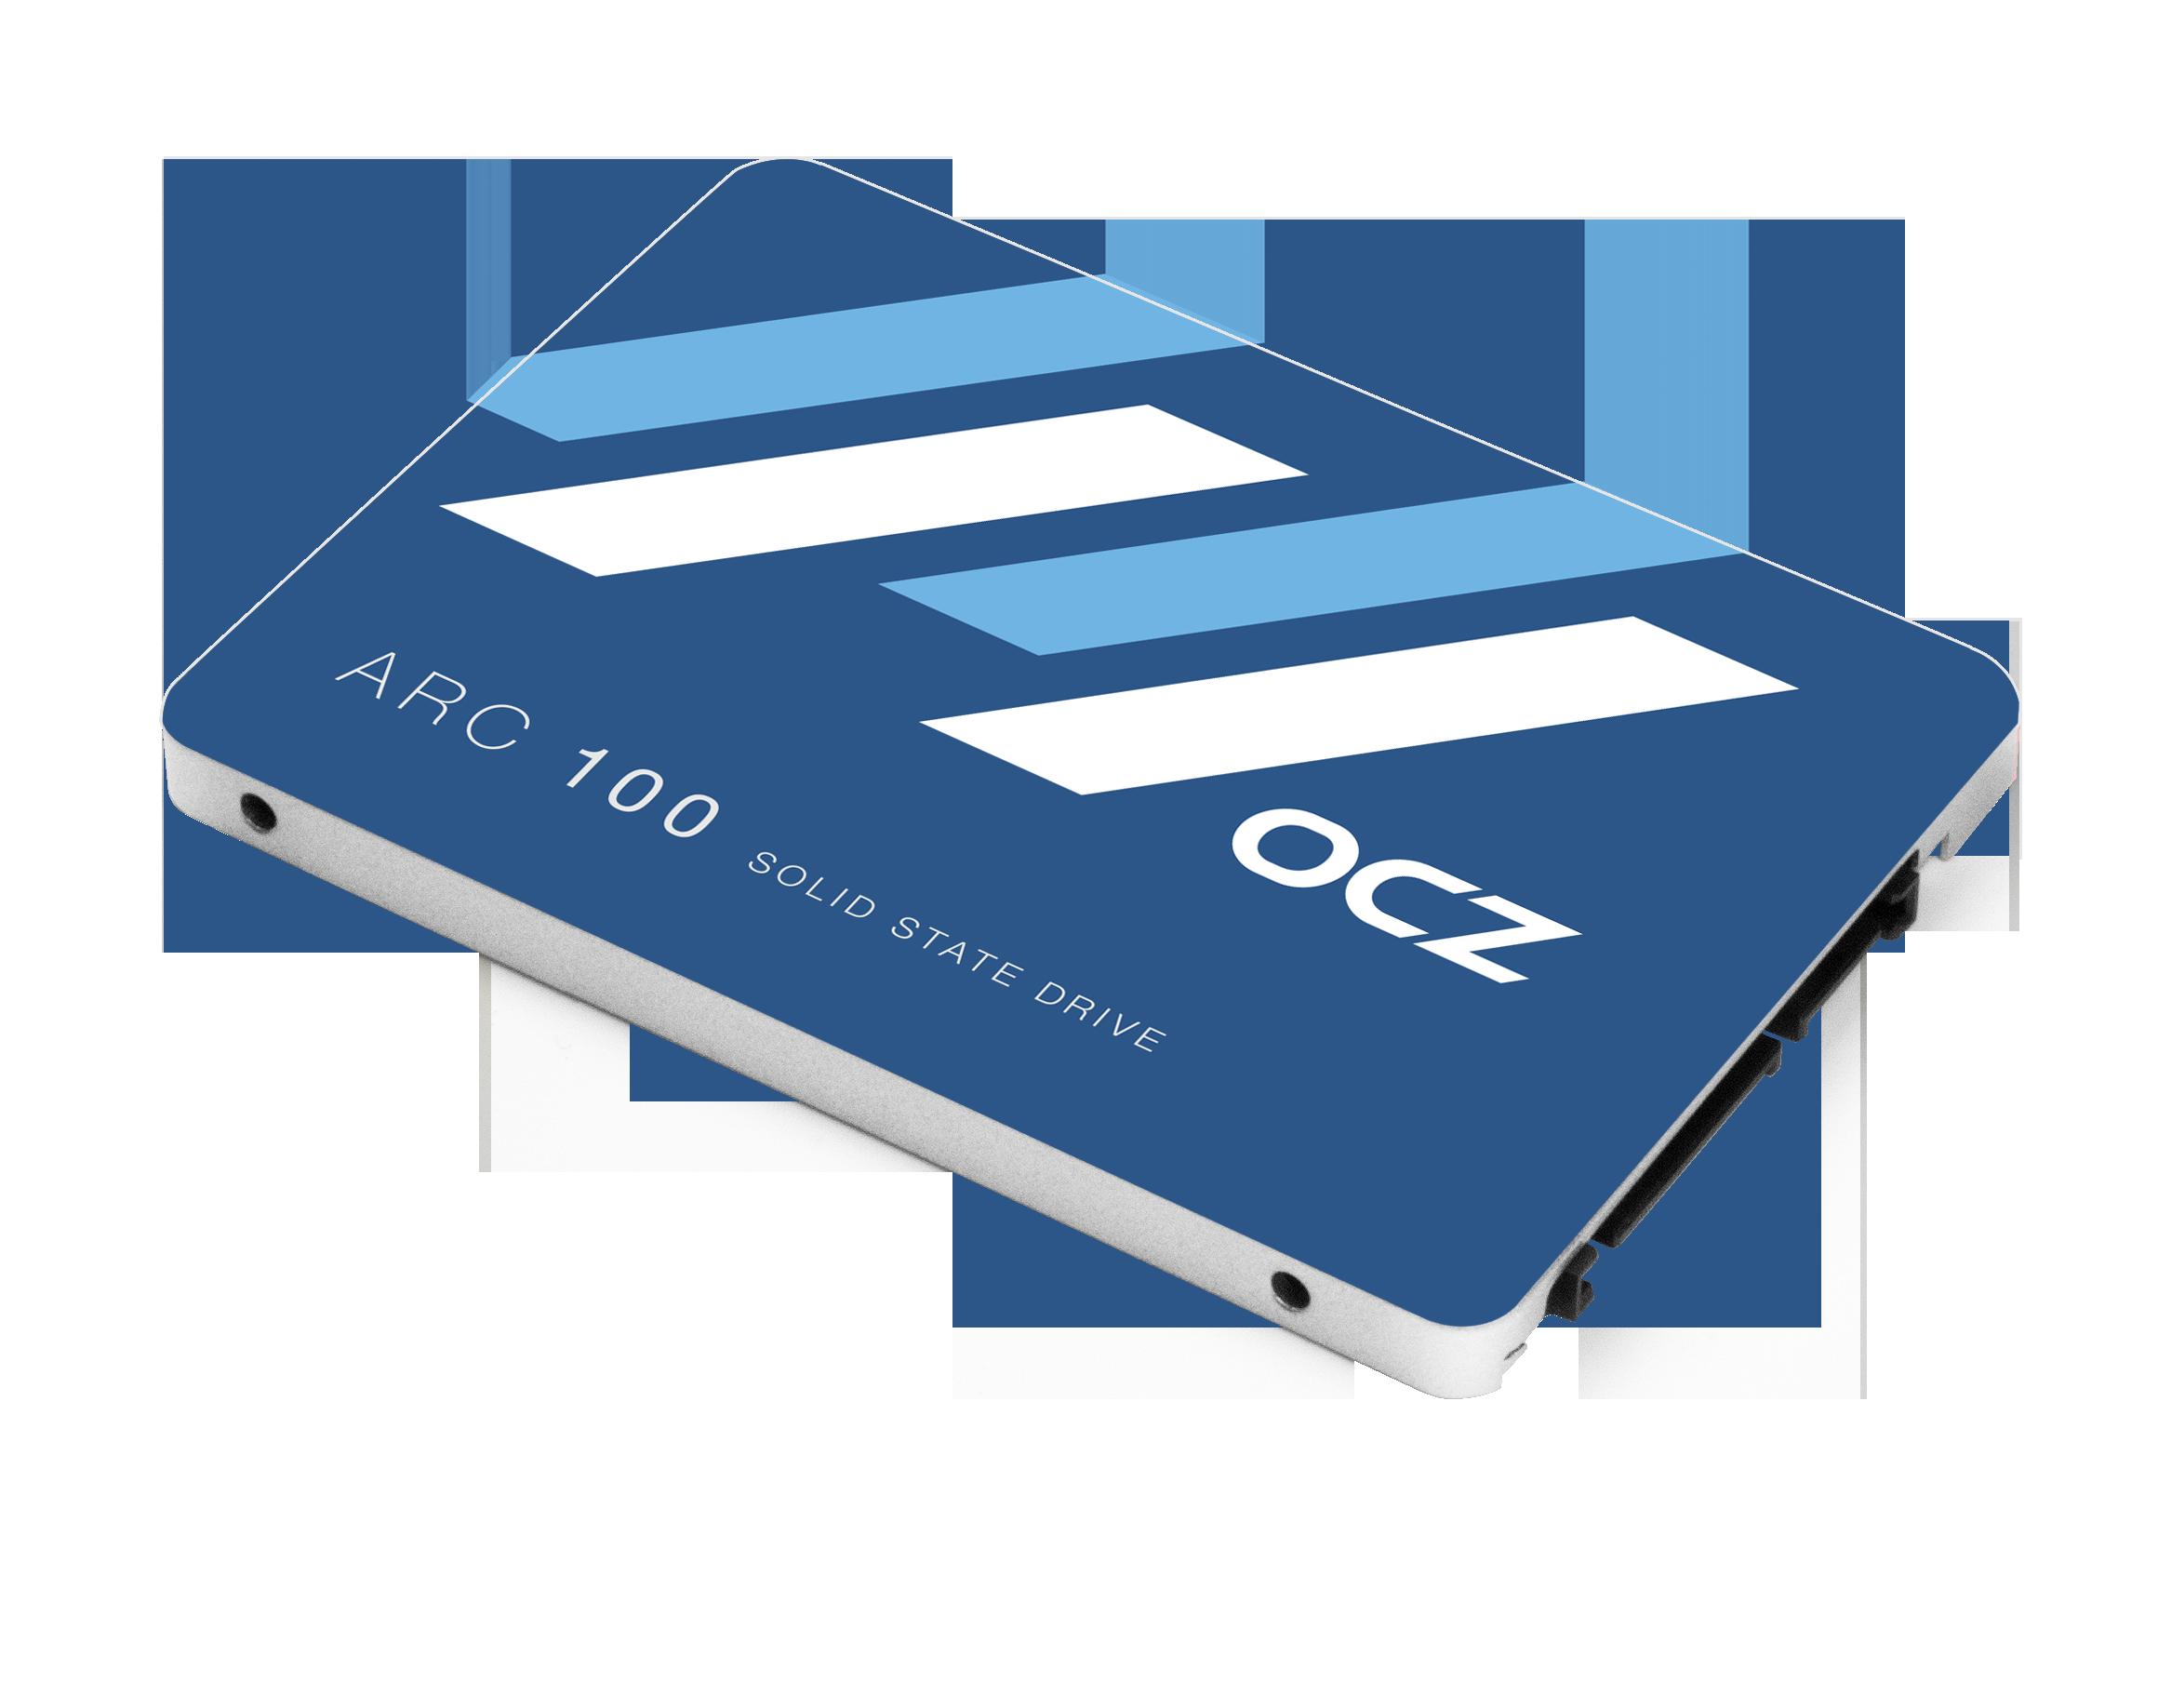 ОCZ выпускает доступную серию твердотельных накопителей АRC 100